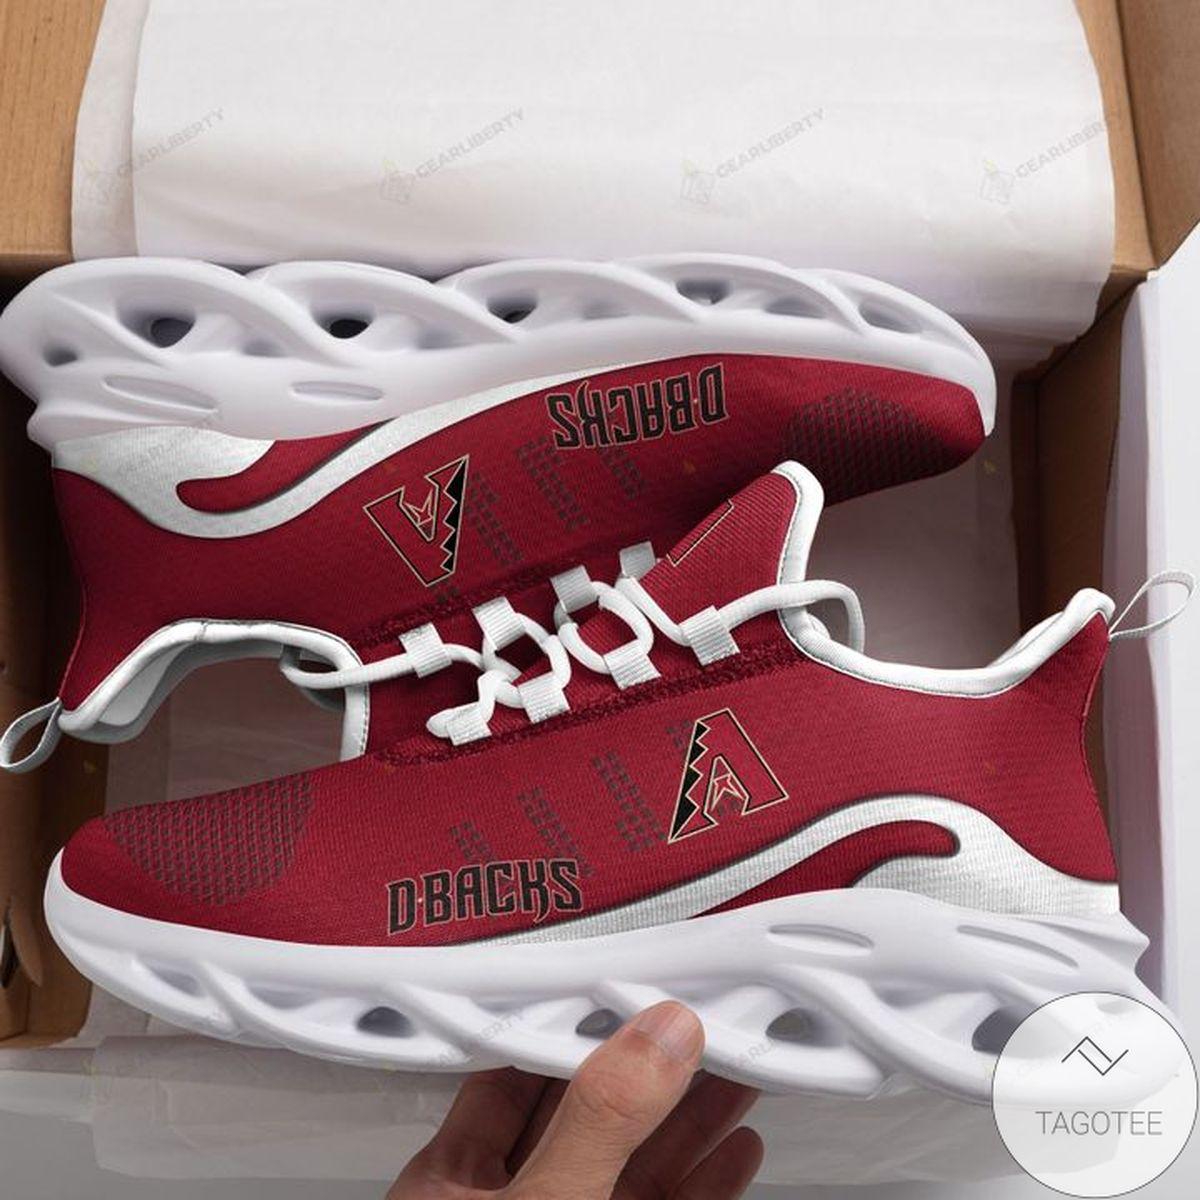 MLB Arizona Diamondbacks Max Soul Shoes